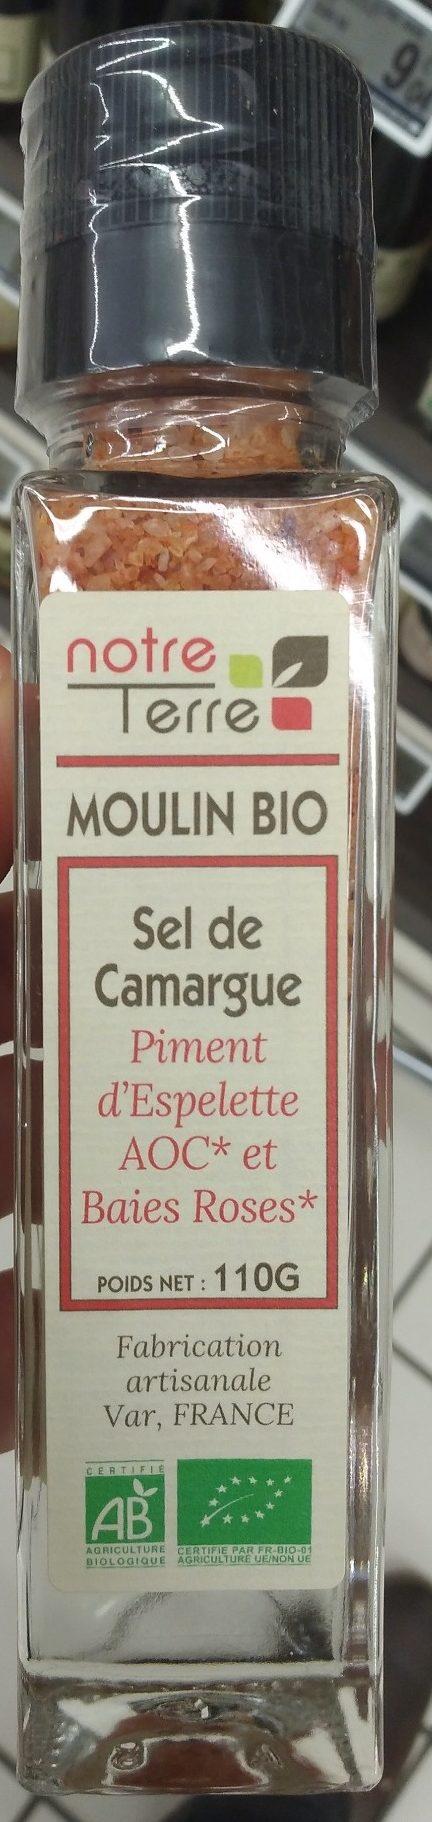 sel de Camargue piment d'espelette AOC et baies roses - Produit - fr